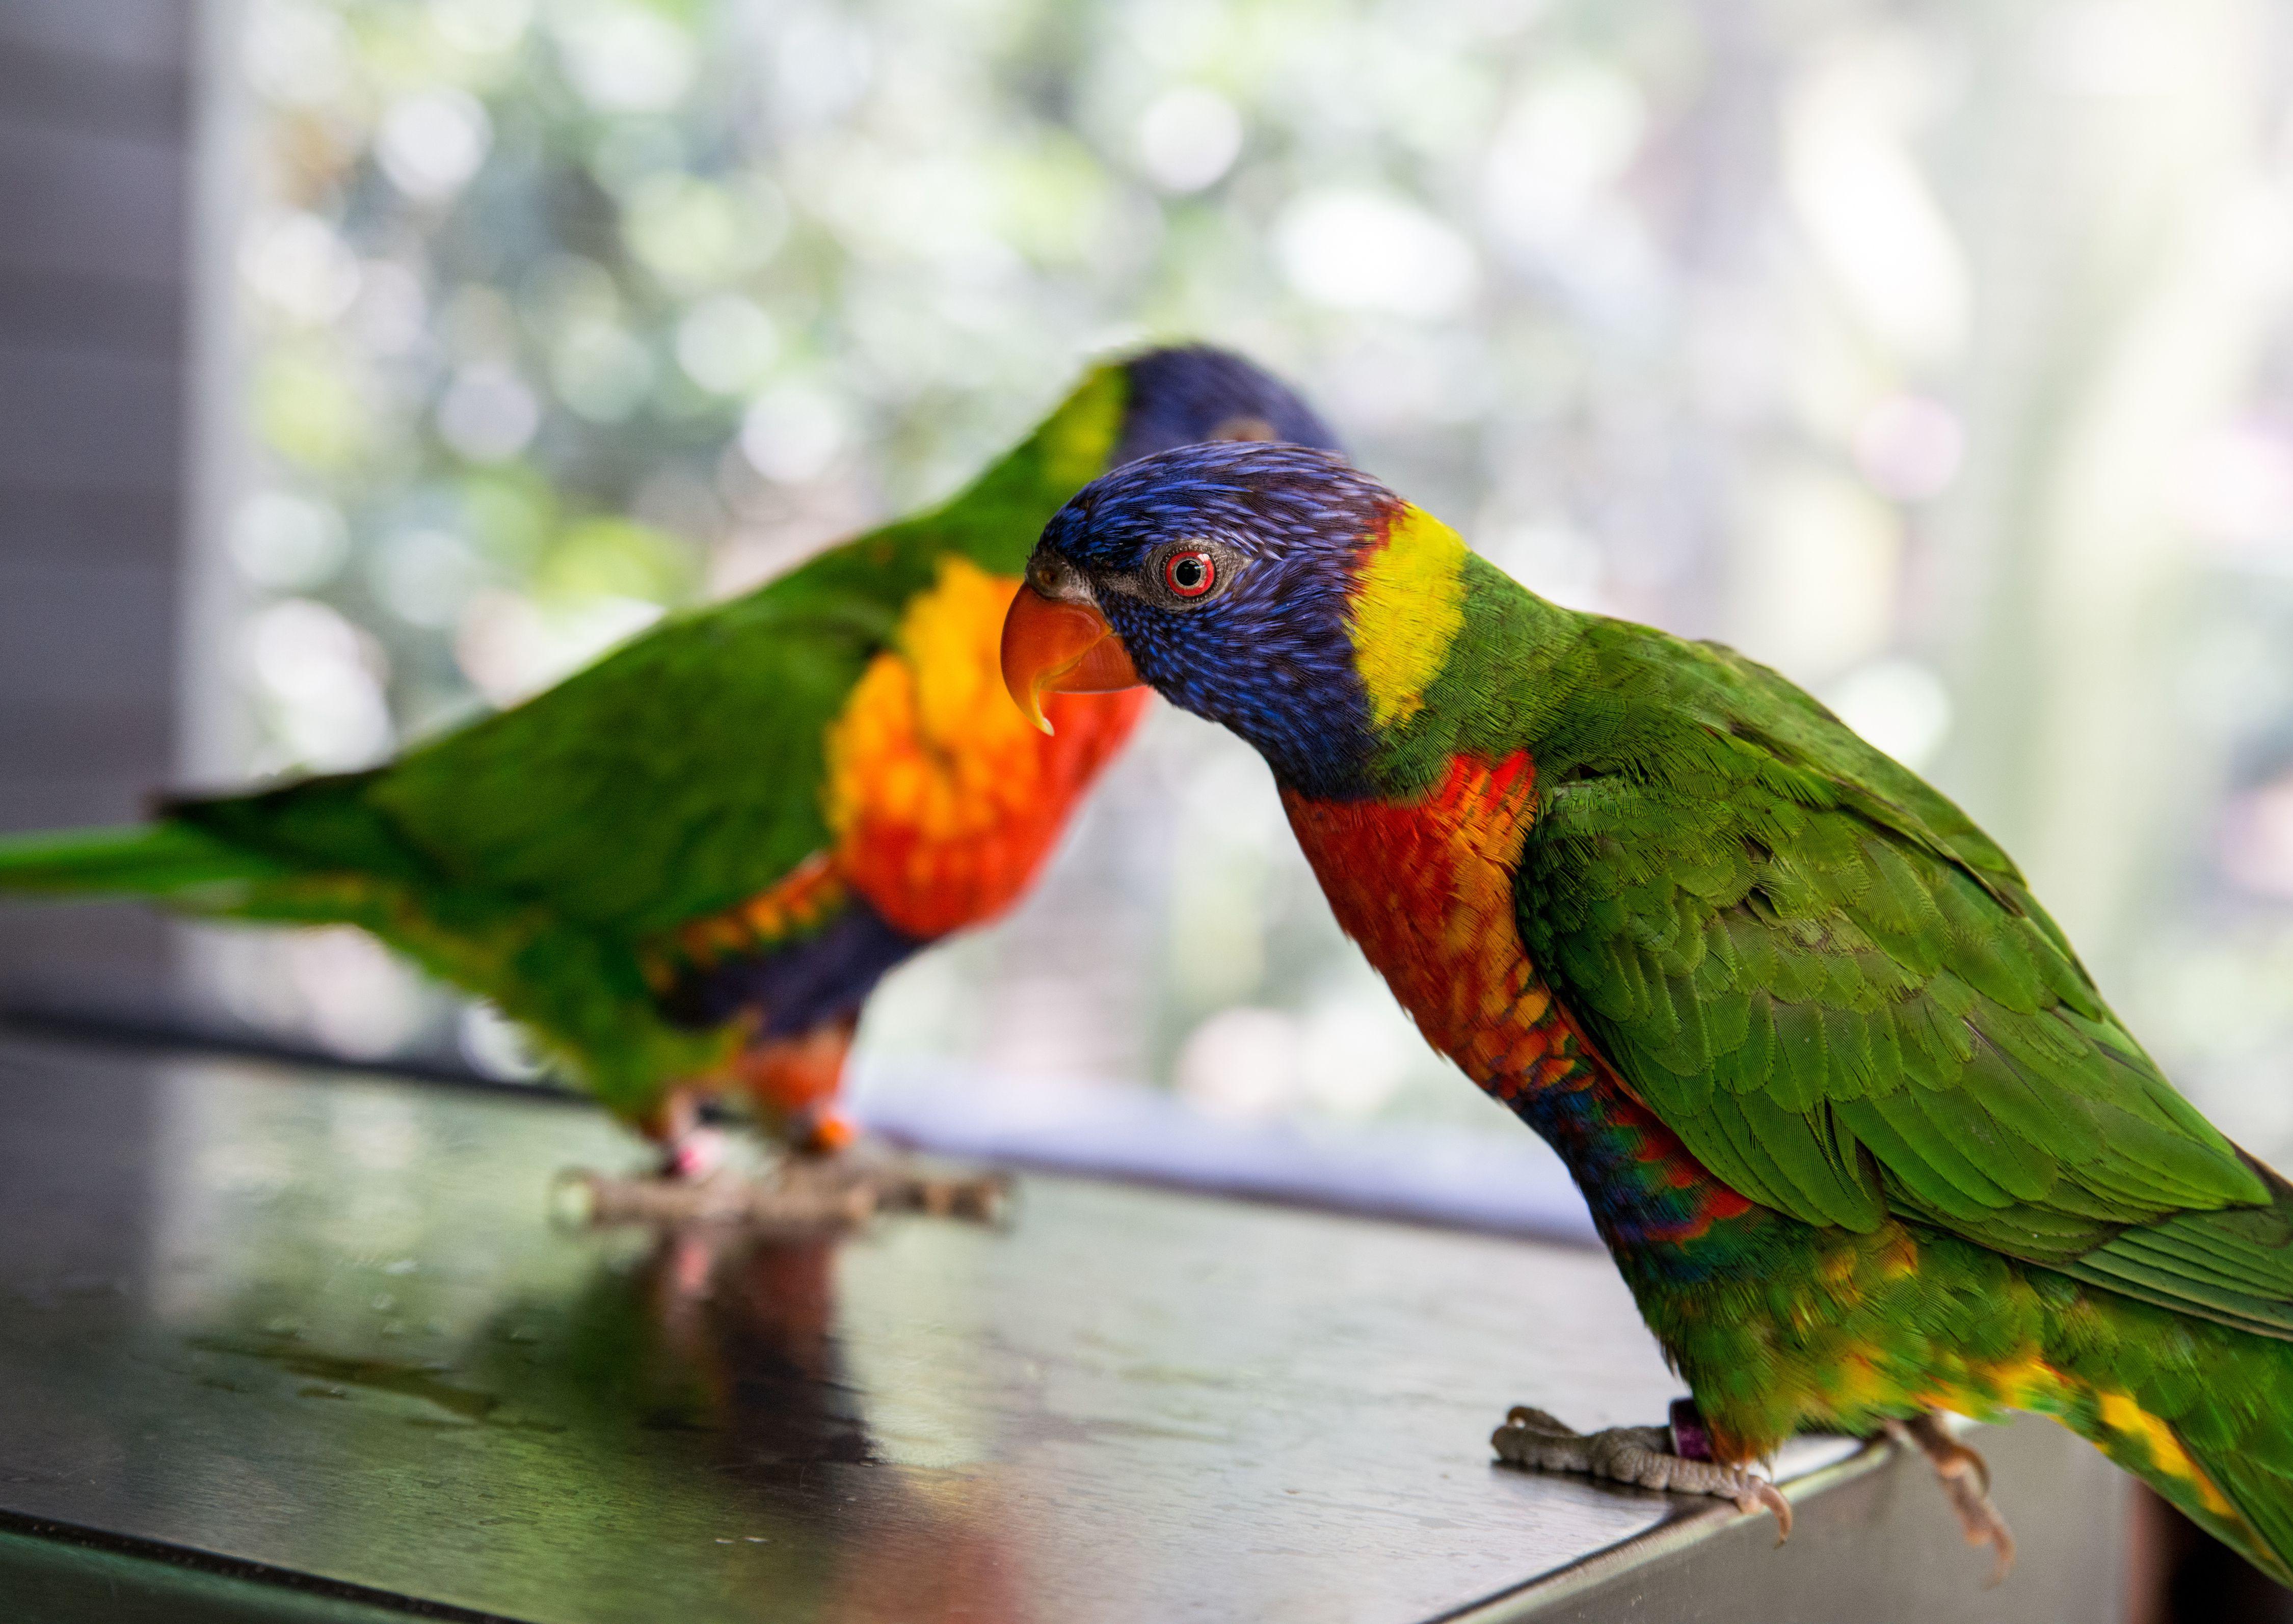 Rainbow lorikeets perching on table